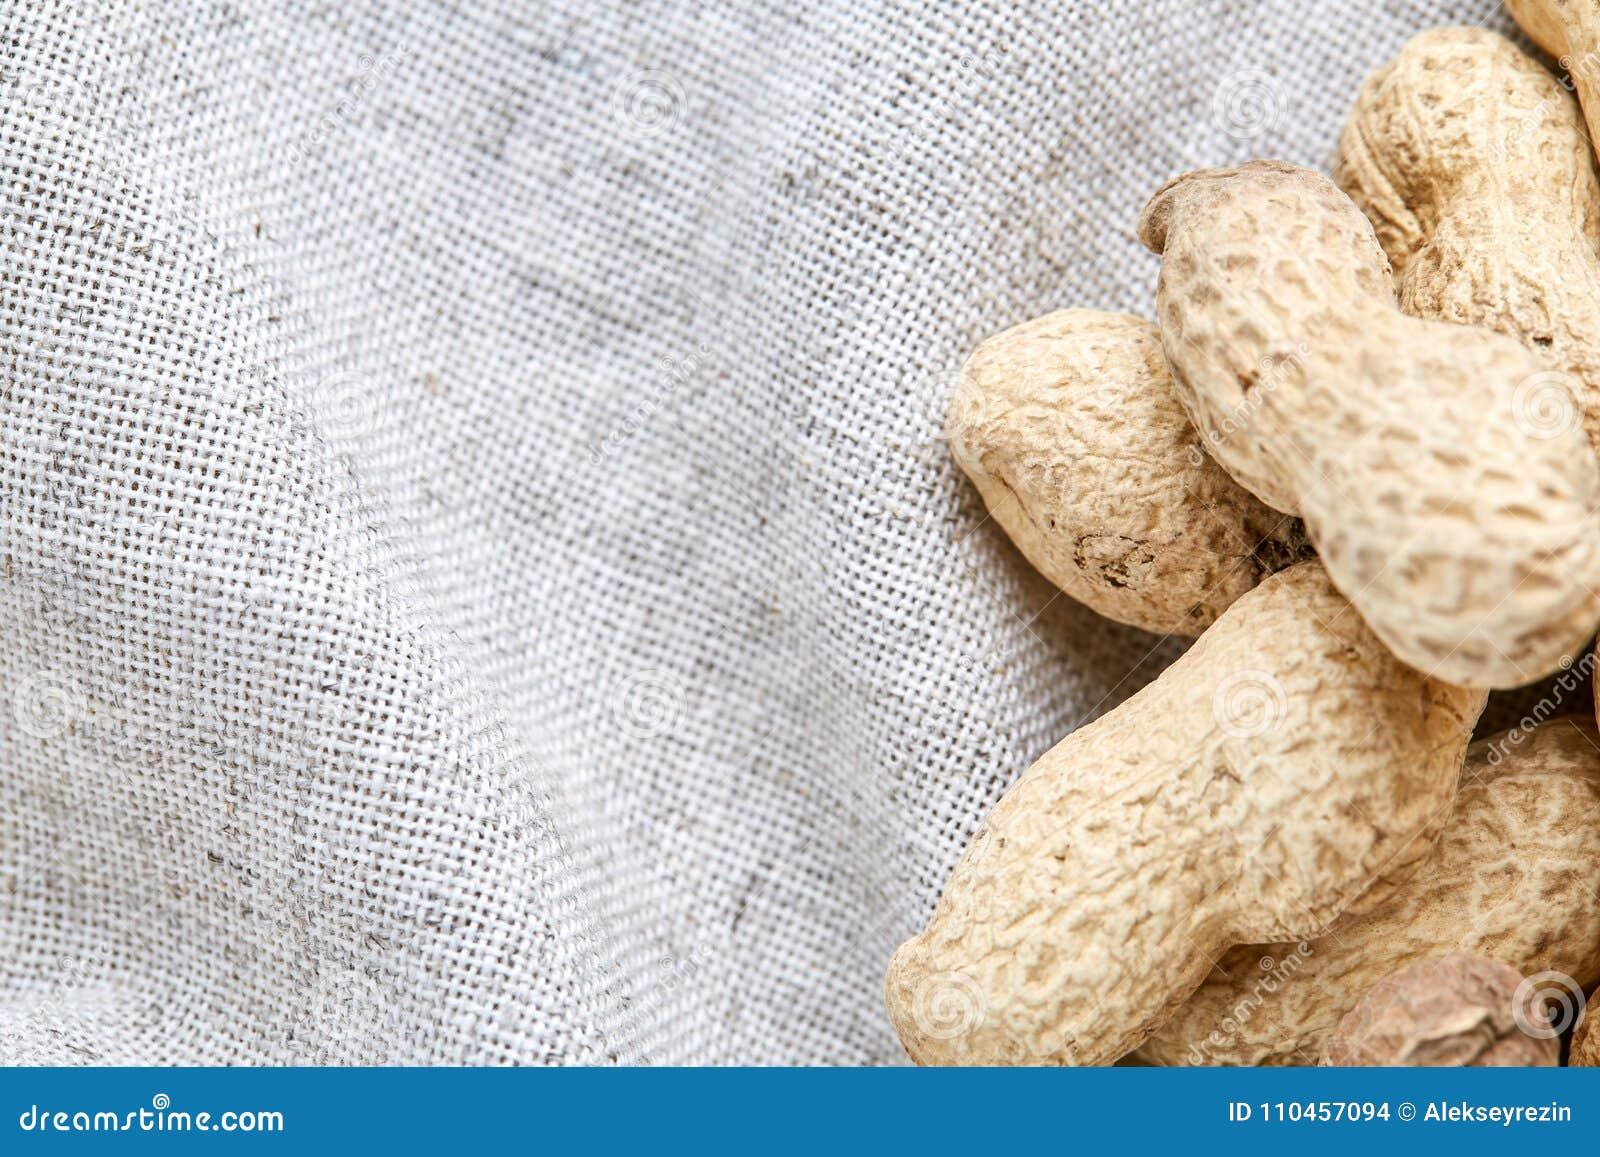 Hög av jordnötter på den ljusa bordduken, närbild, grunt djup av fältet, selektiv fokus, makro